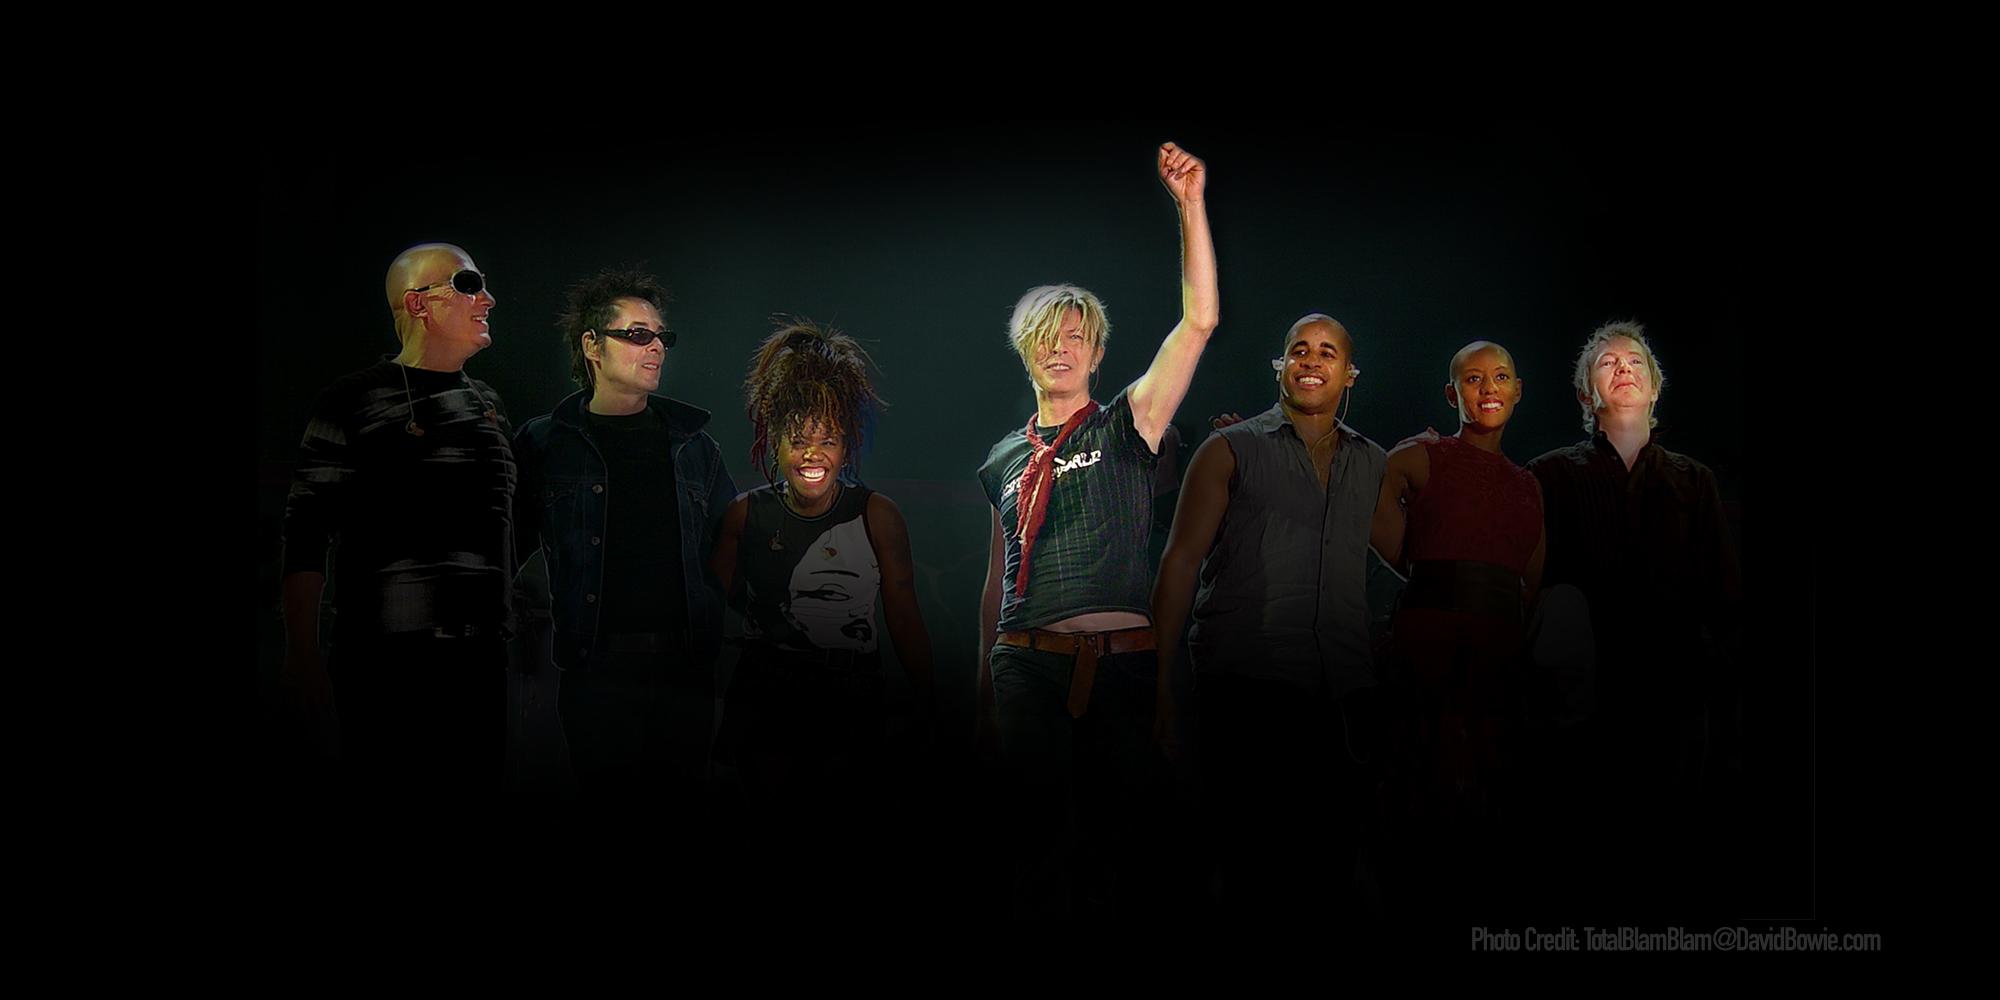 Honoring David at the 2016 BRIT Awards